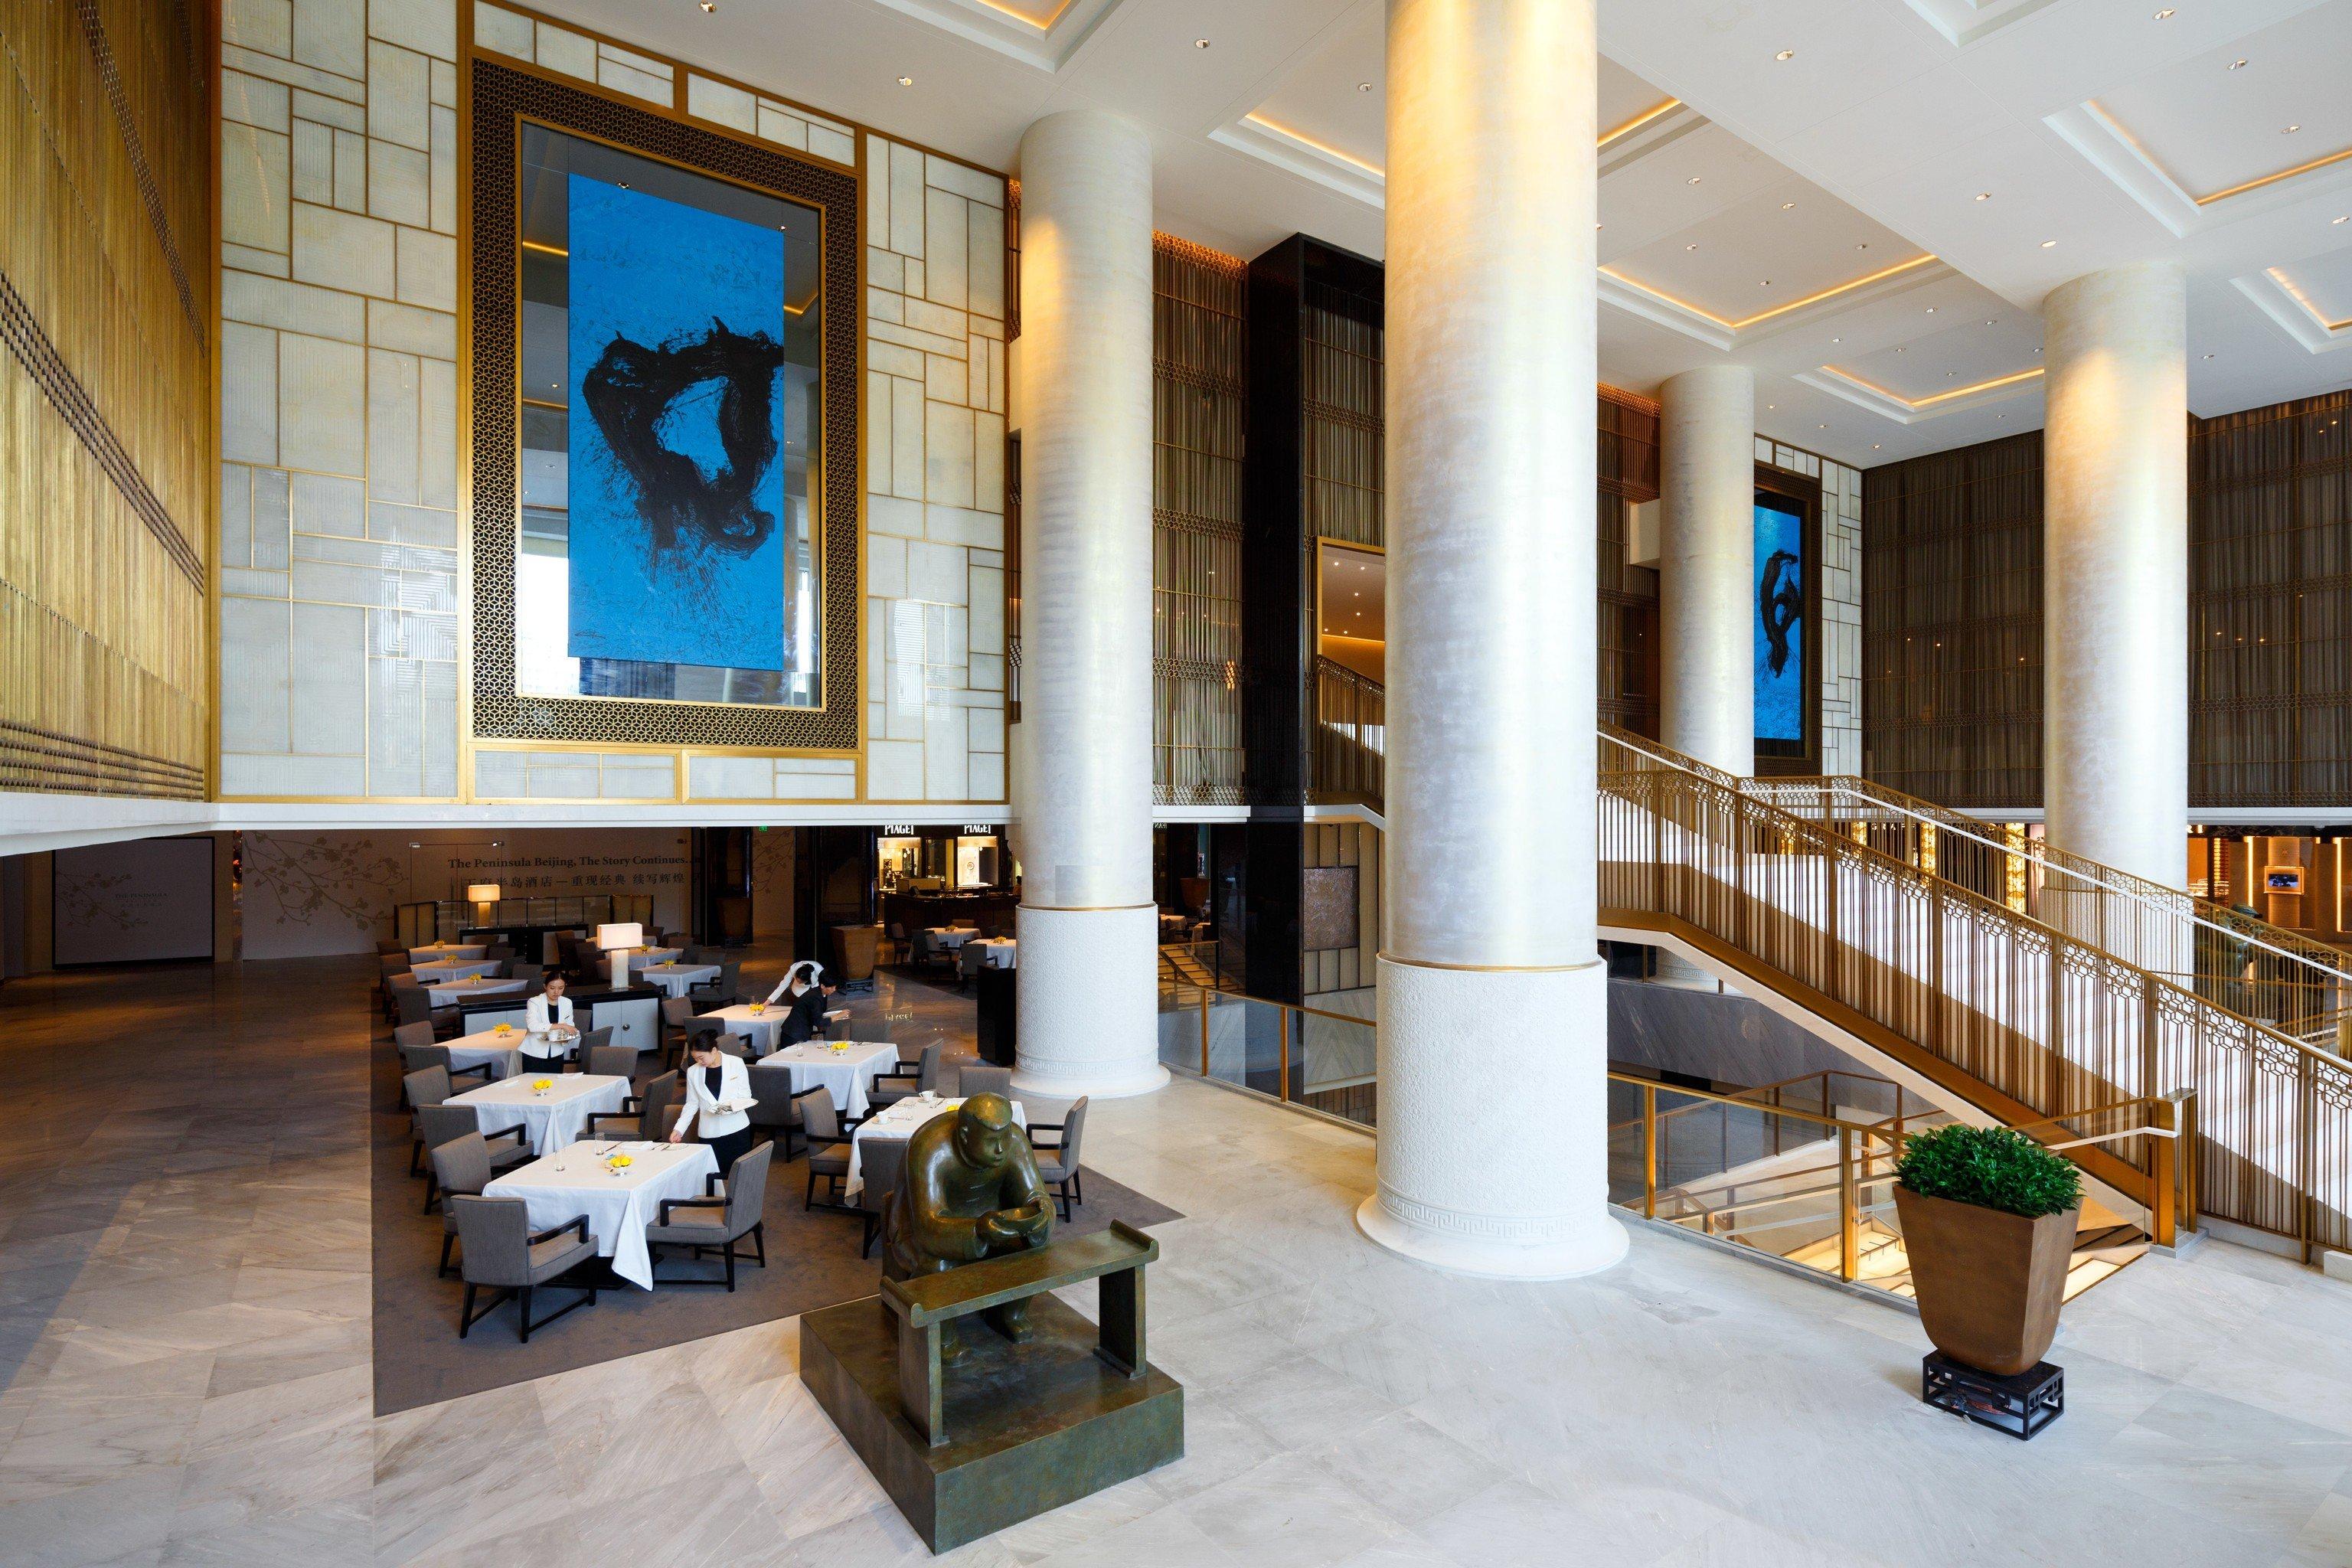 Hotels indoor floor Lobby property room estate Architecture home interior design real estate condominium Design living room mansion tourist attraction furniture area